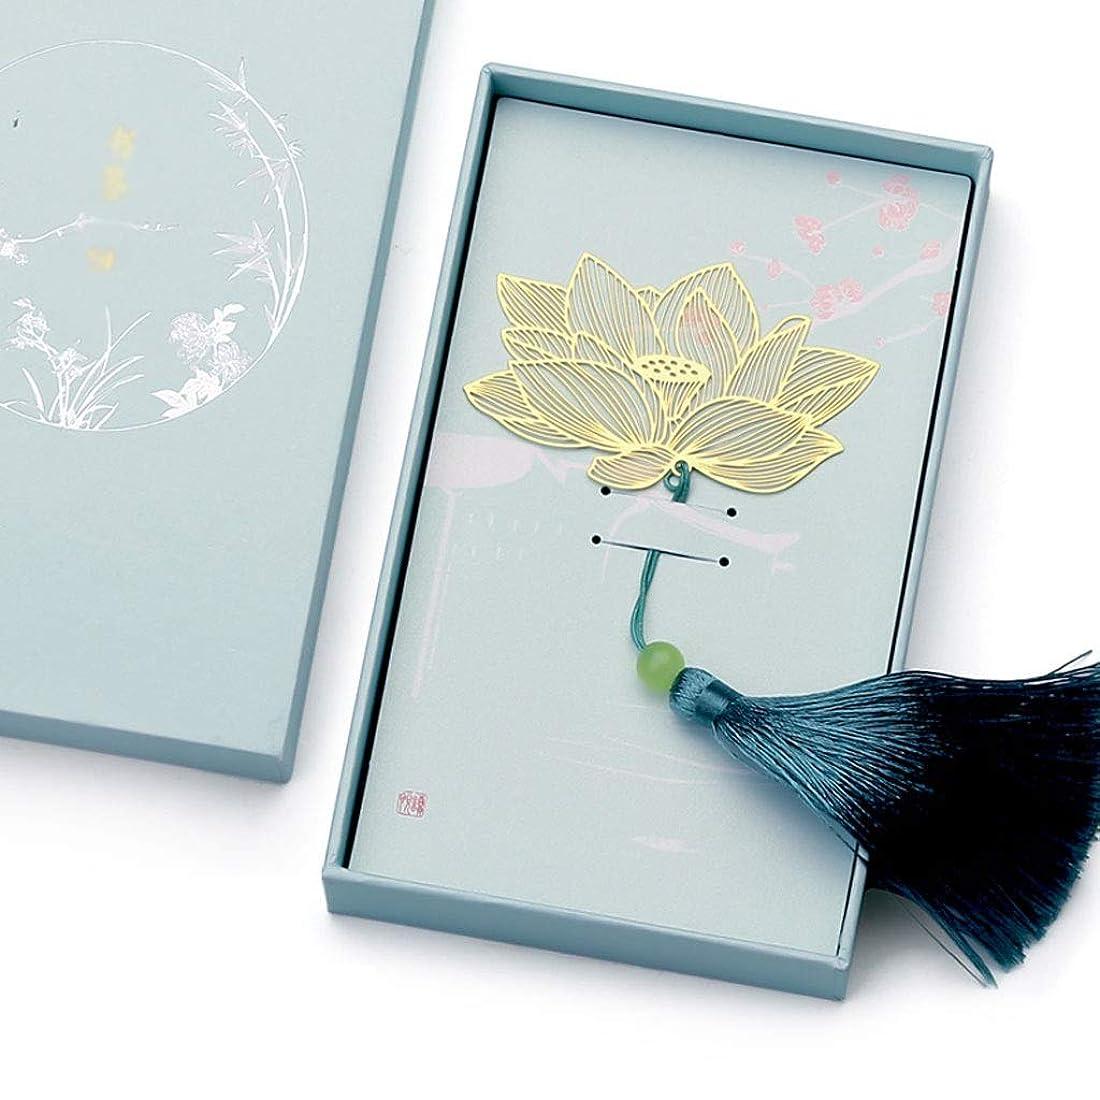 アイザック合図バイオレット仕切りカード ヴィンテージゴールデンメタルリーフメープルの葉ブックマーク付きカラー結びストラップ、理想的なギフトのために友人や家族クリエイティブギフト (Color : C)